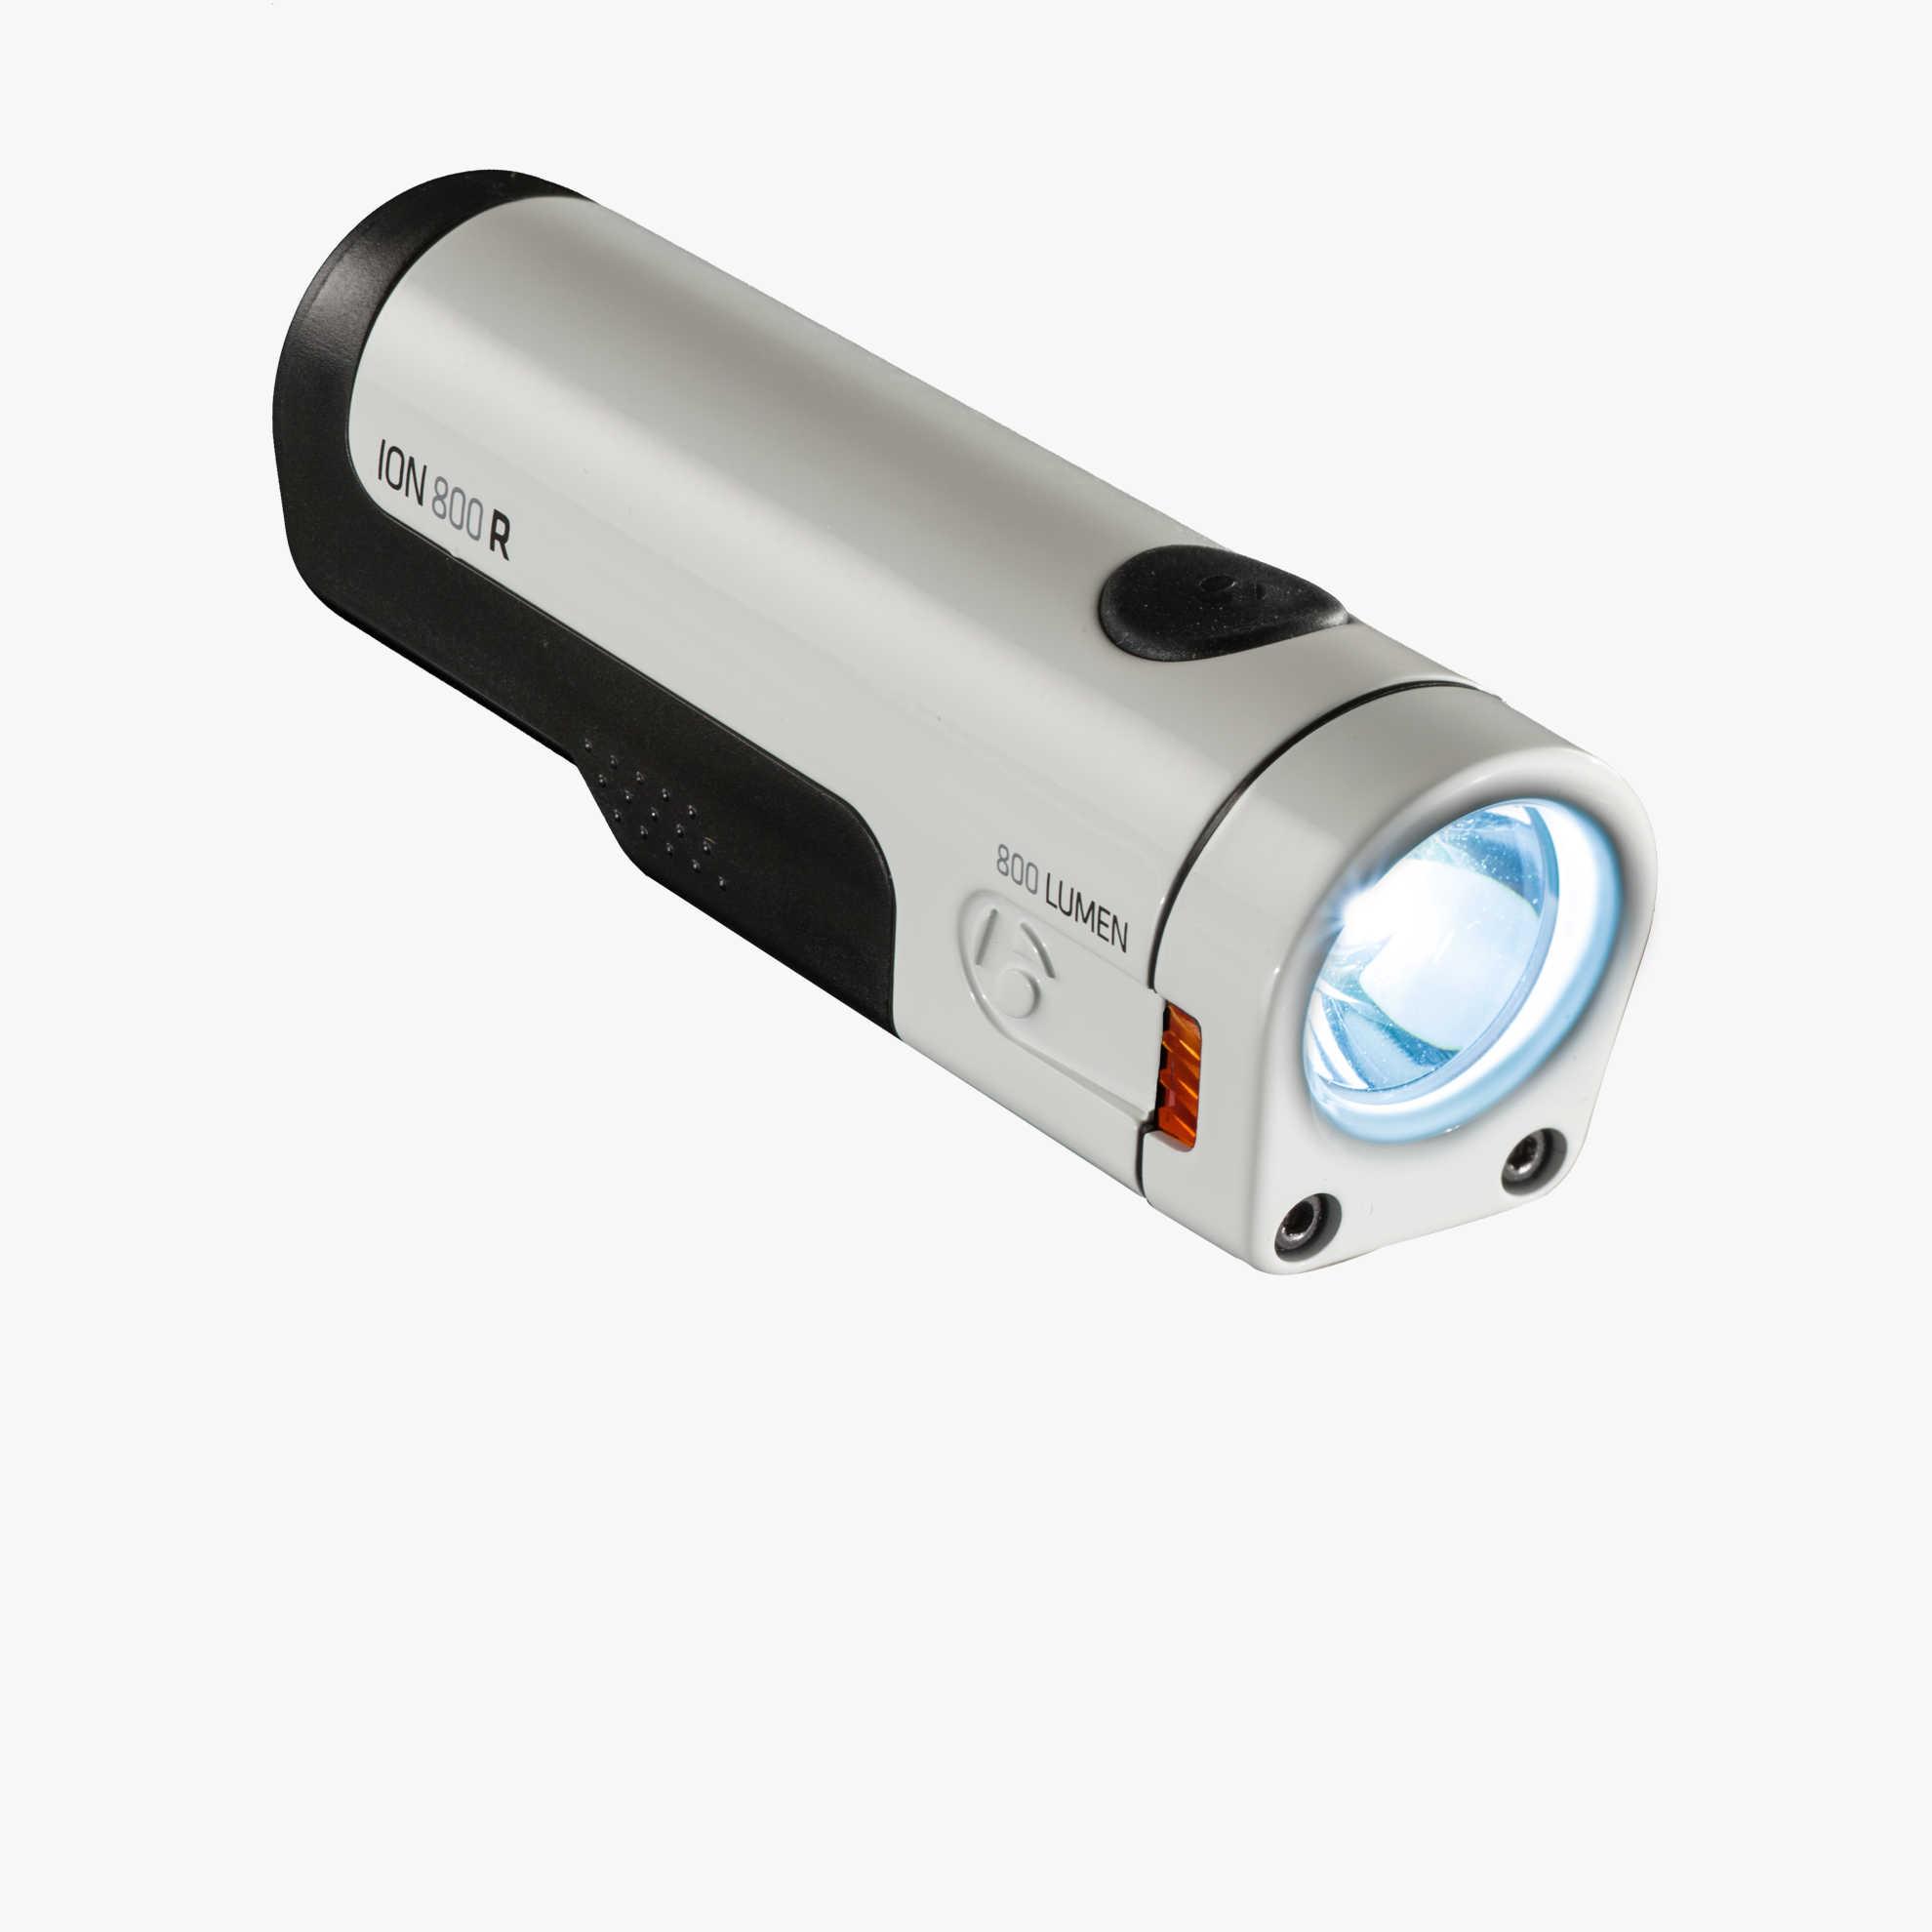 イオン 800R ライト単体画像